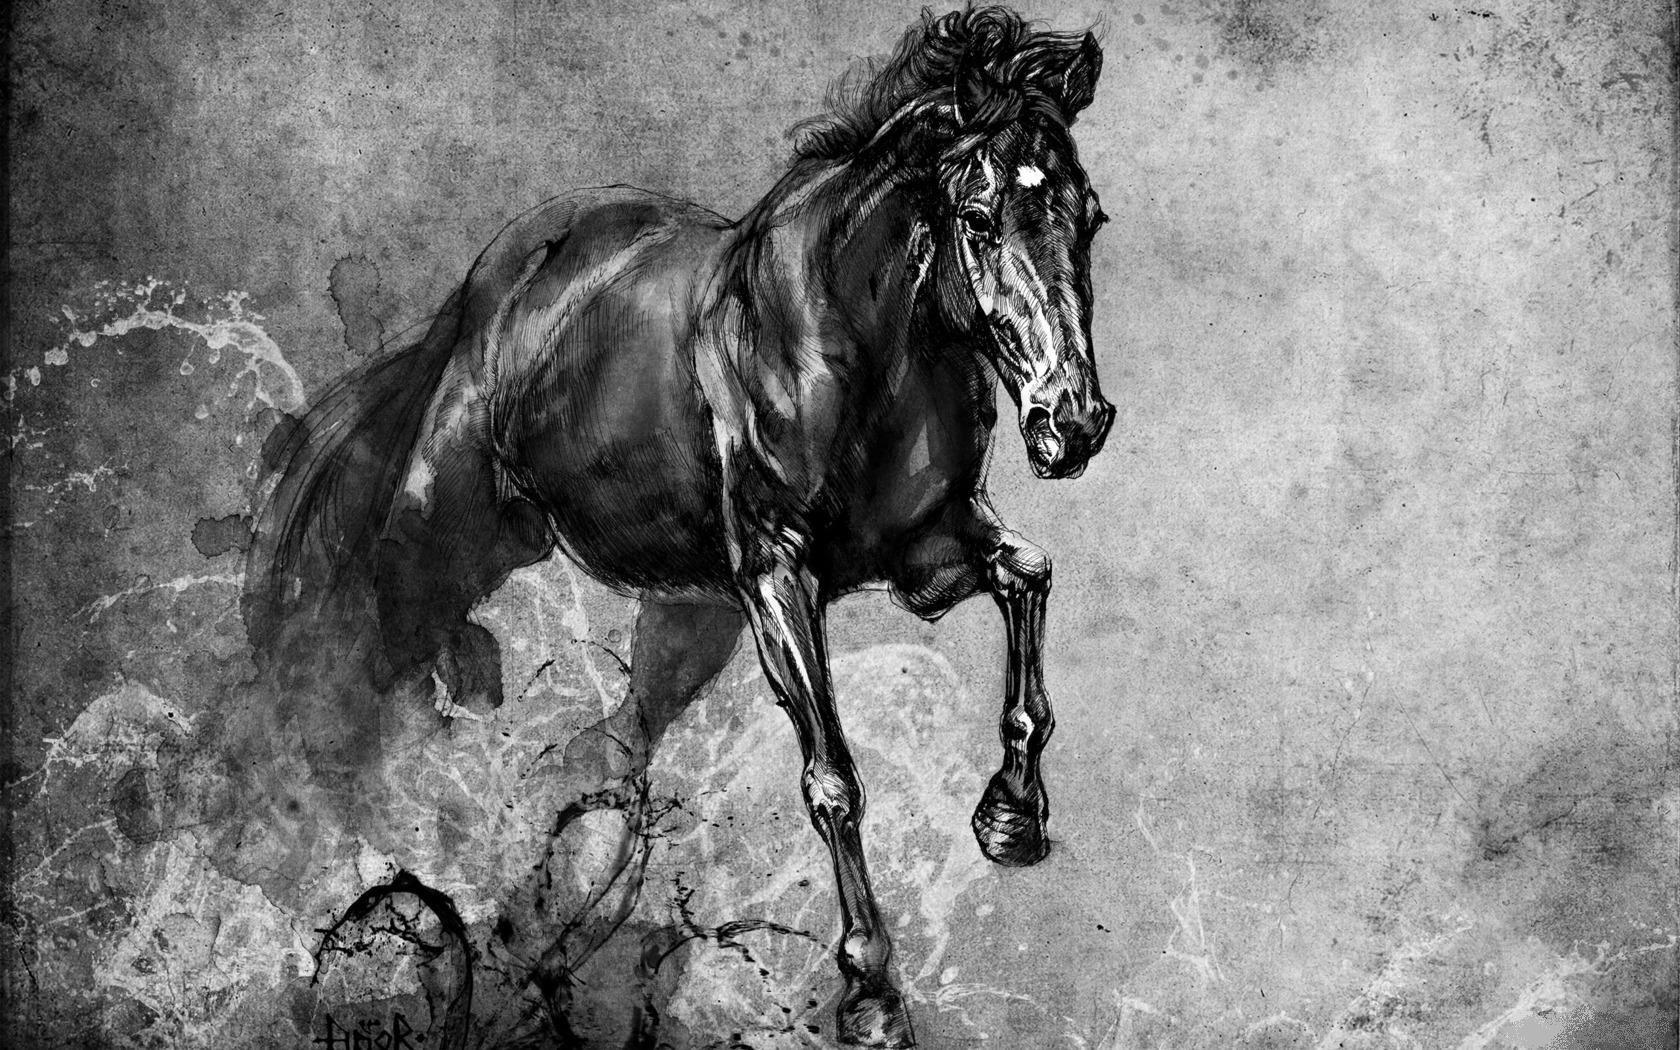 фото коня графика борьбы жуками дачных